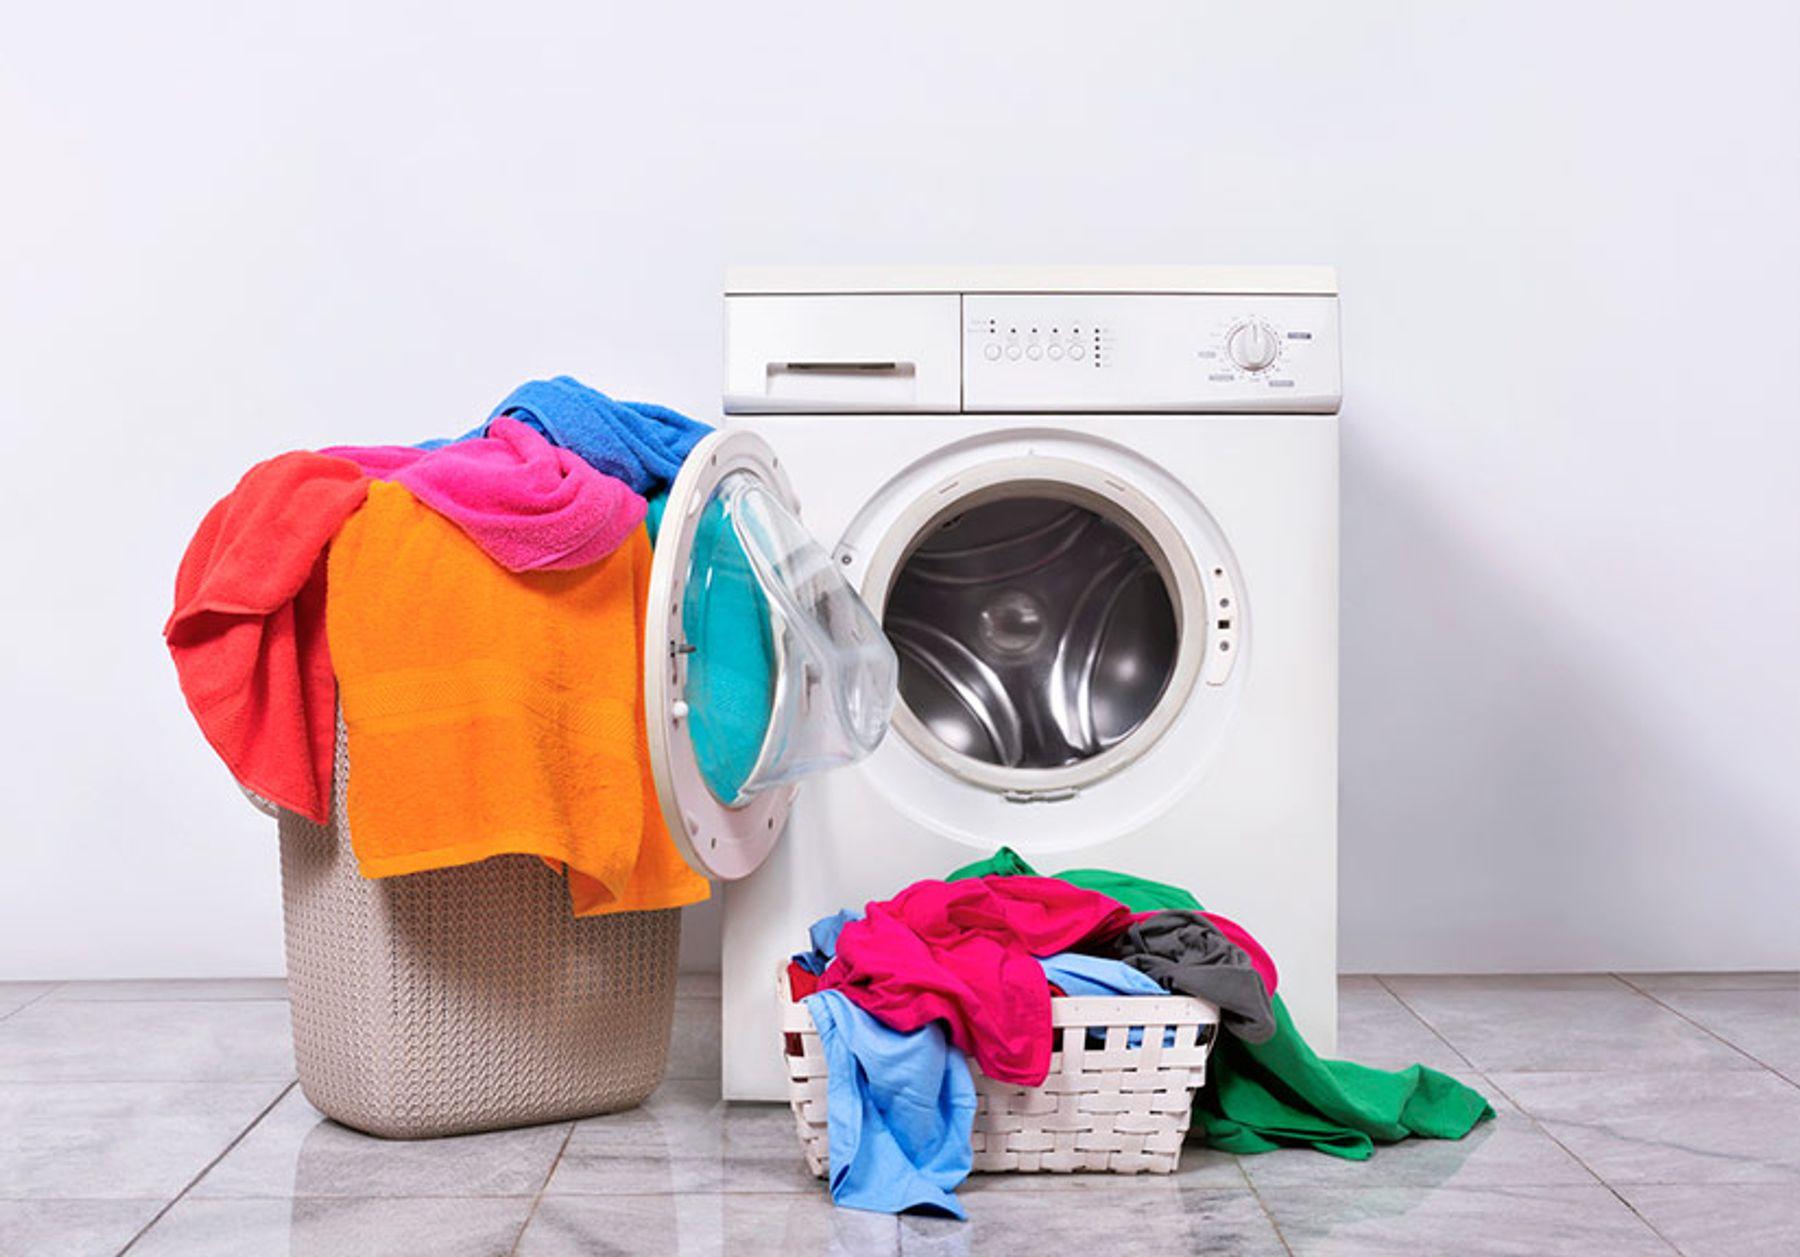 Cách làm khô quần áo nhanh là giặt đúng khối lượng máy giặt quy định